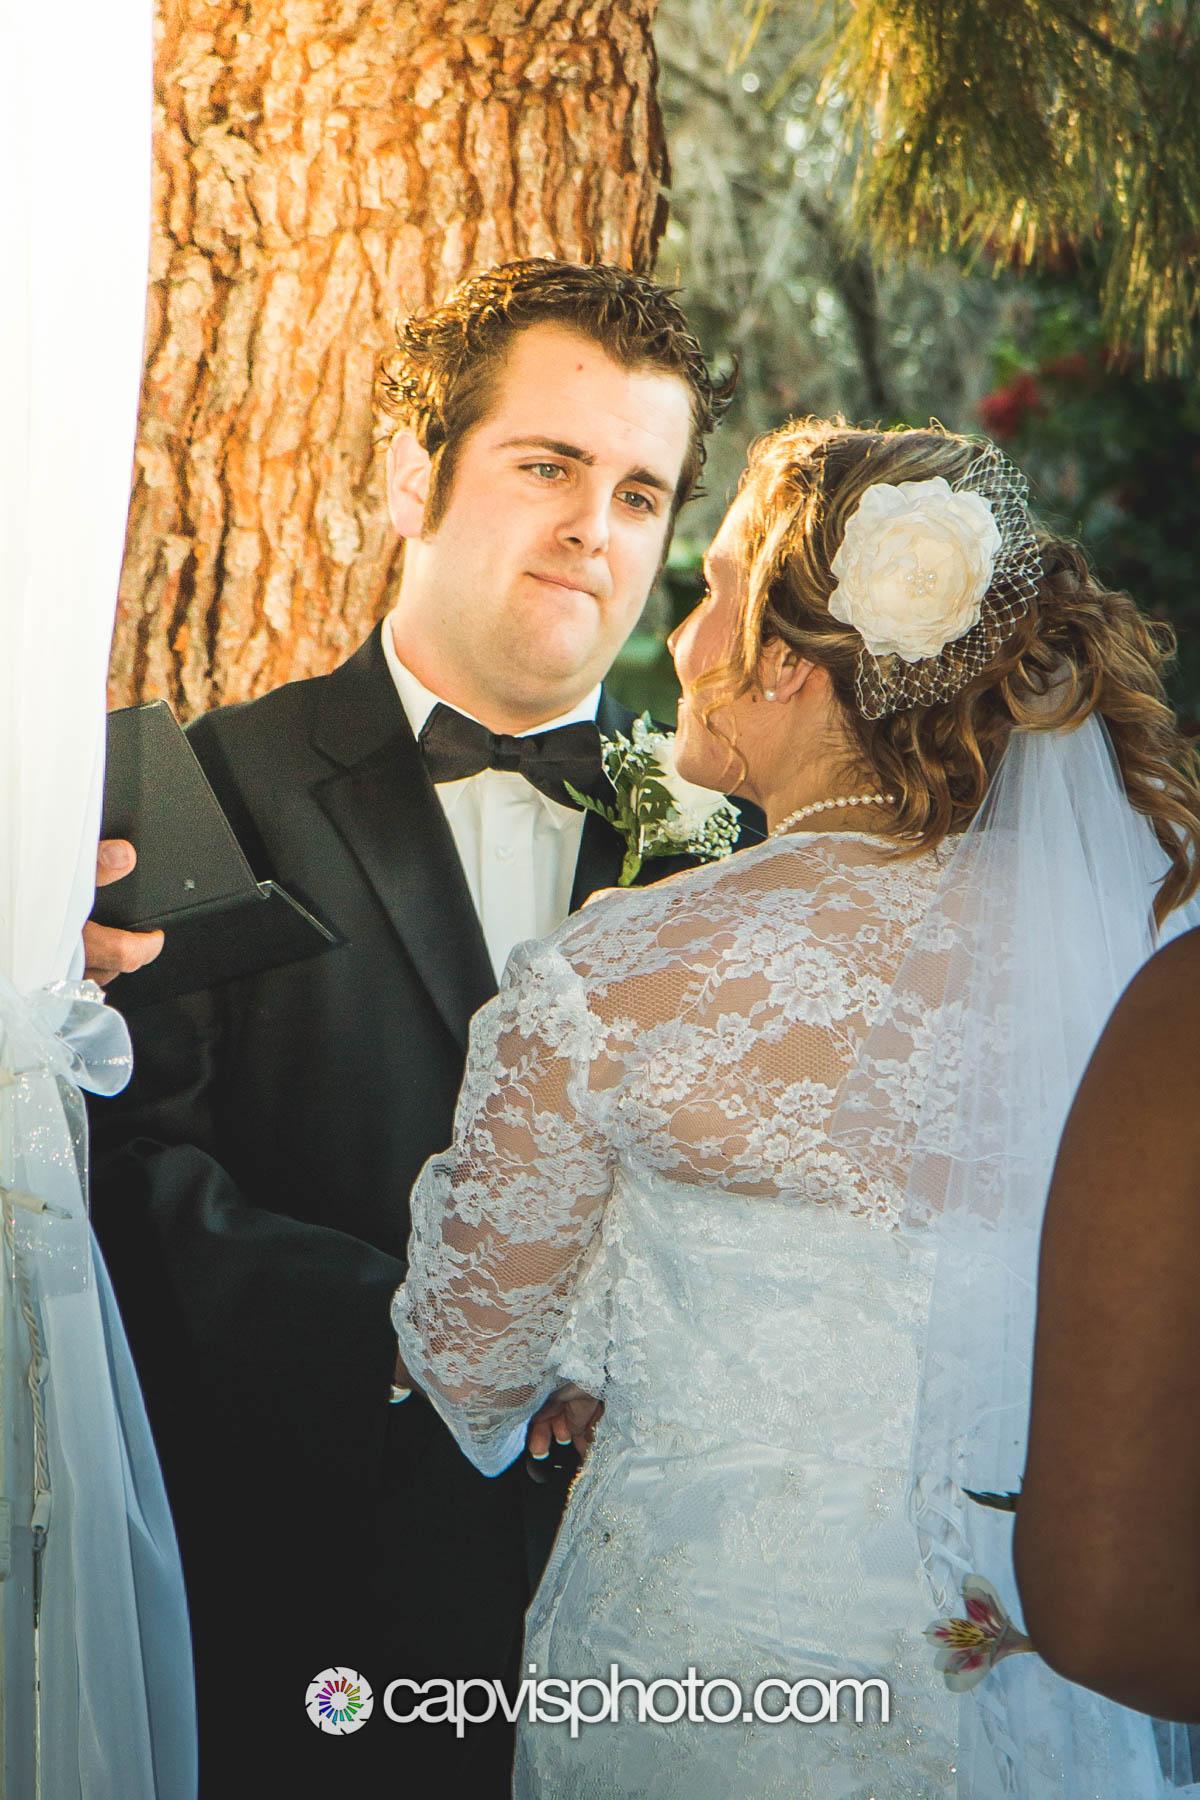 Grangruth Wedding (17 of 52).jpg